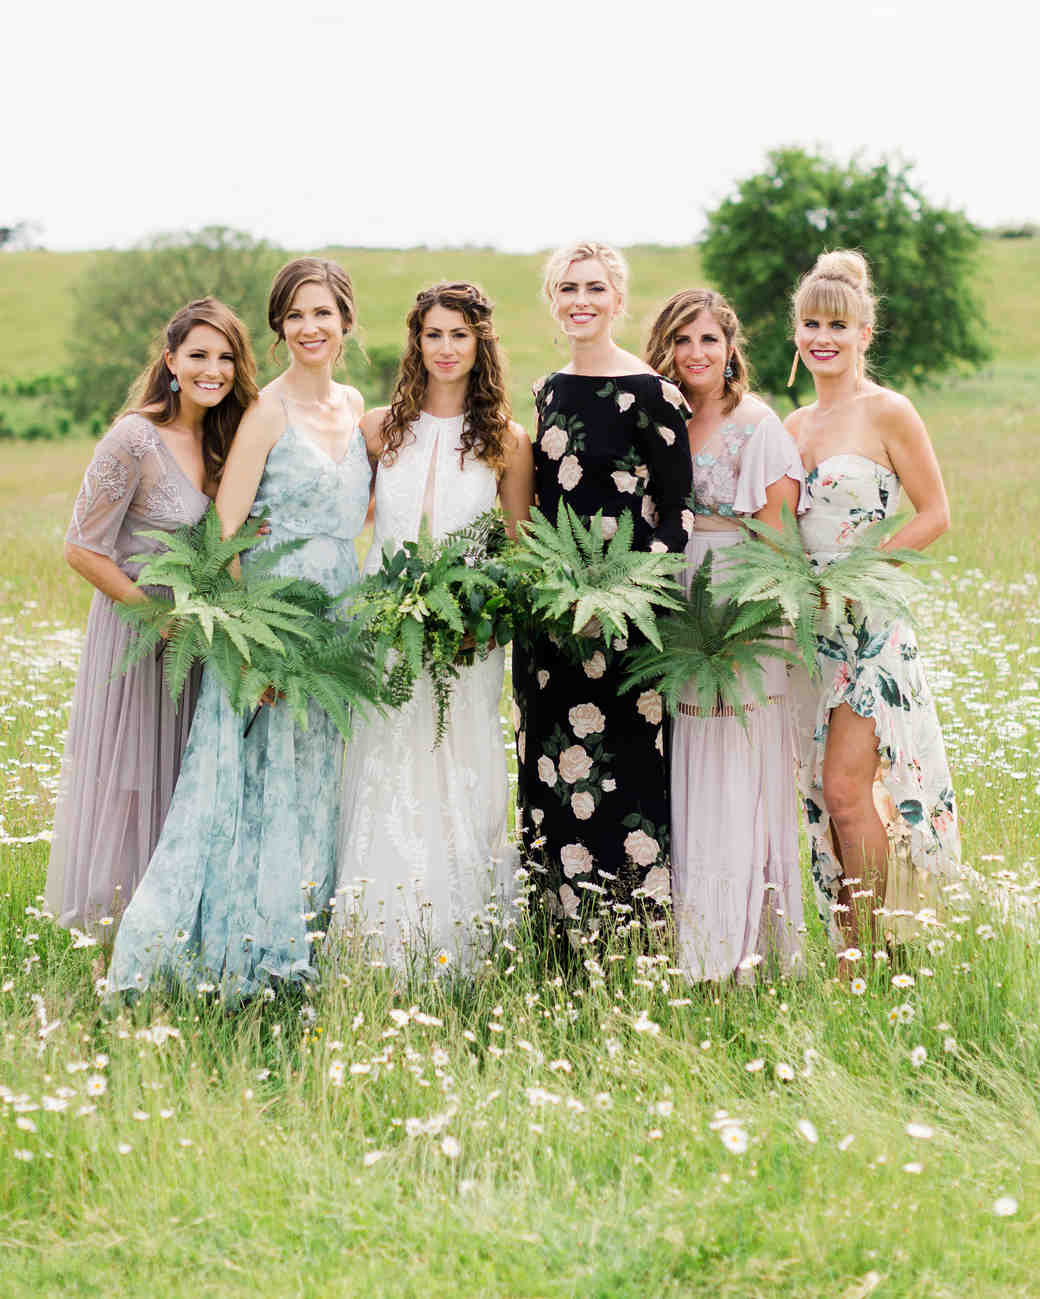 molly ed wedding bridesmaids with bride